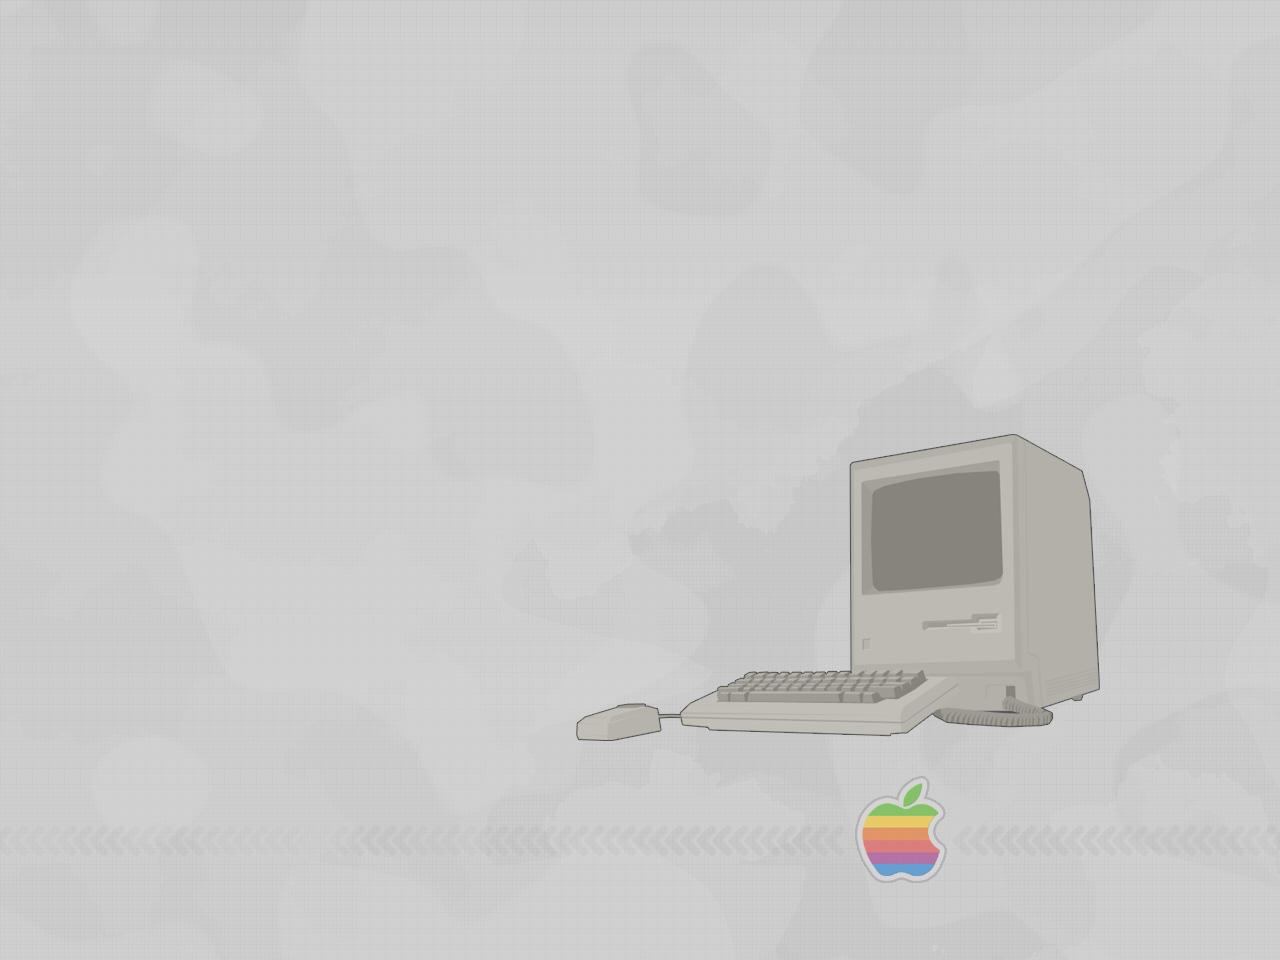 Retro Mac by lennard